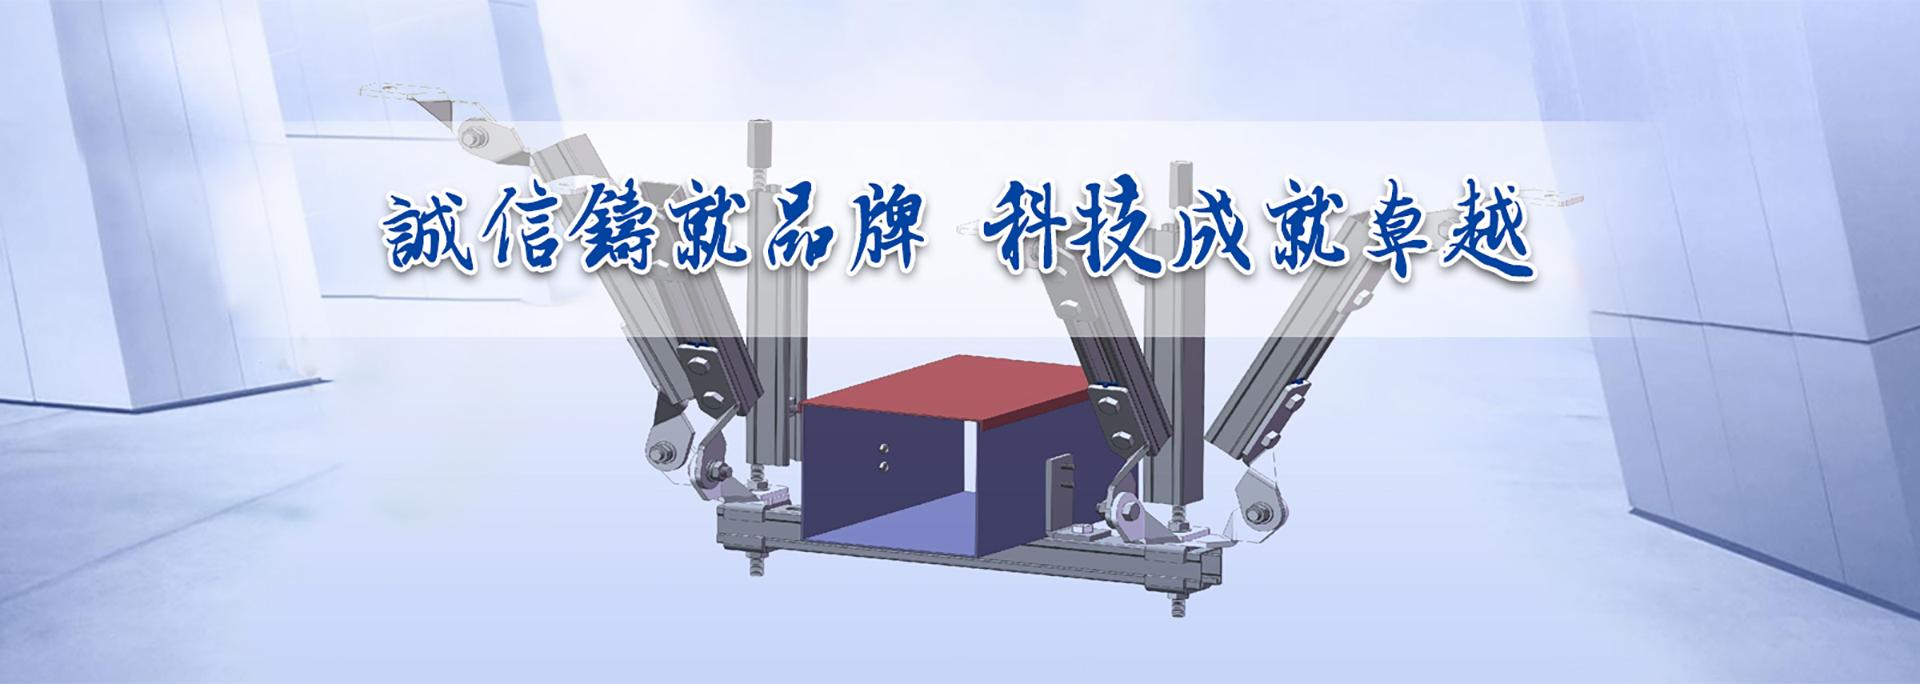 贵州抗震支架